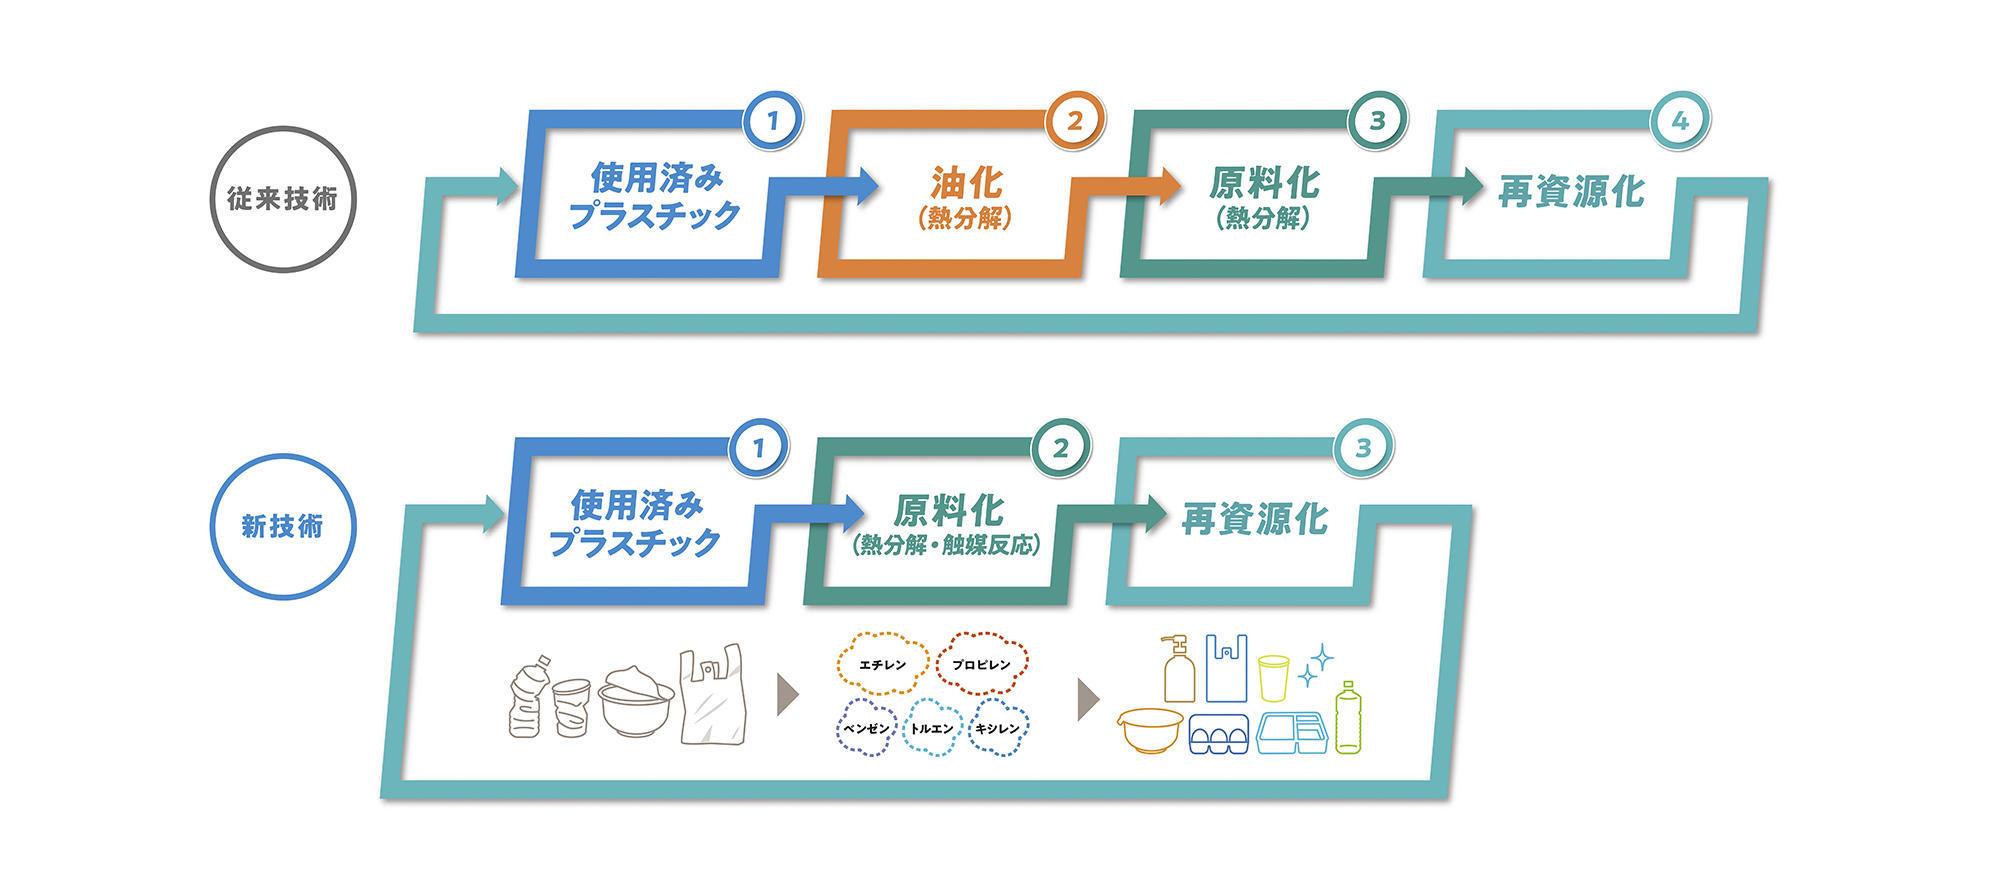 技術の説明図